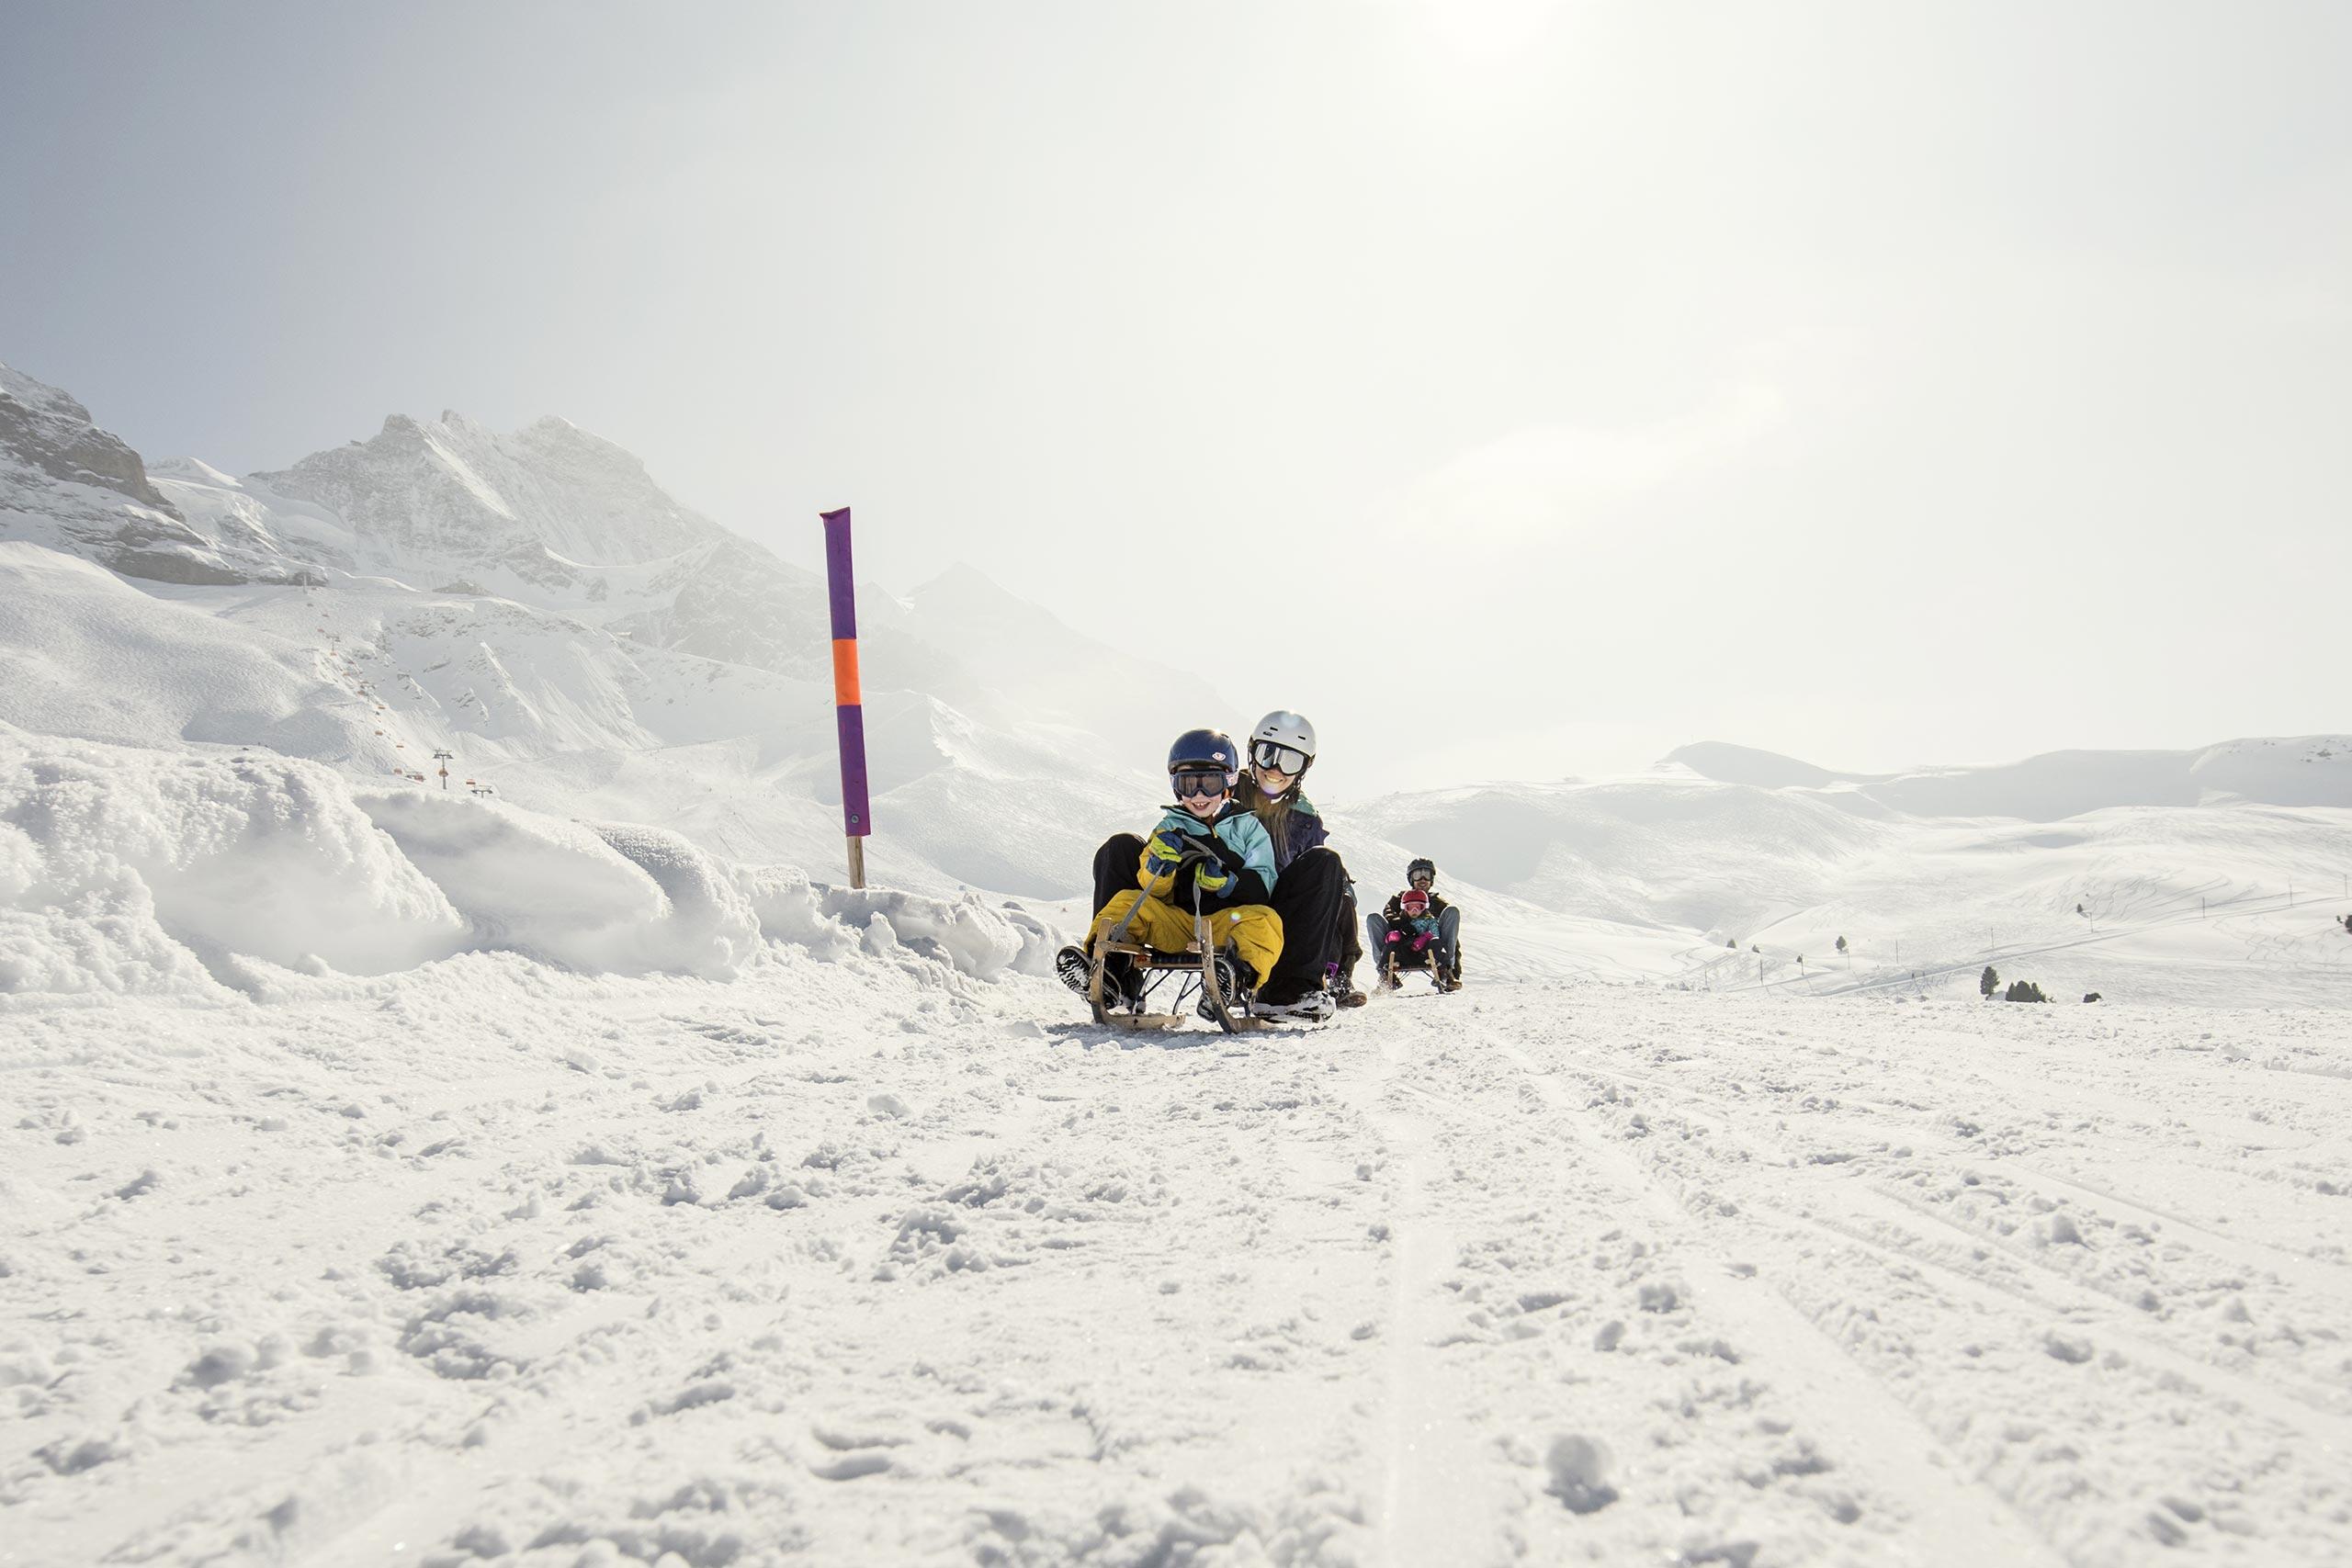 jungfrau-ski-region-schlitteln-winter-schnee.jpg